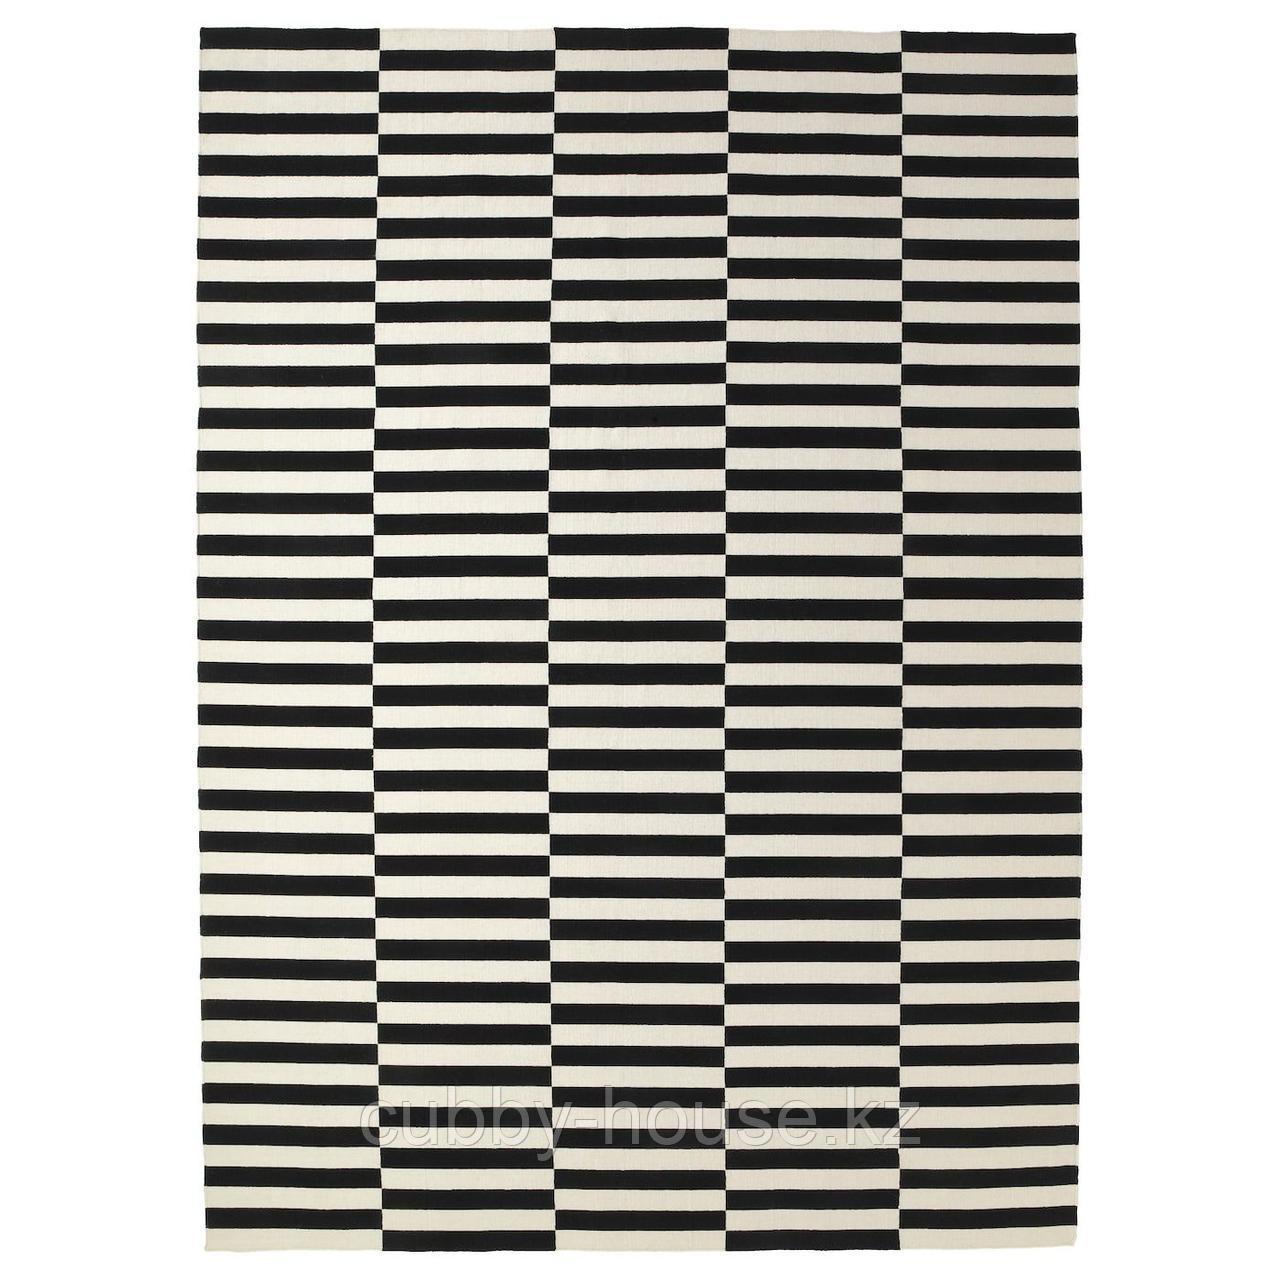 СТОКГОЛЬМ Ковер безворсовый, ручная работа, в полоску черный/белый с оттенком, 250x350 см